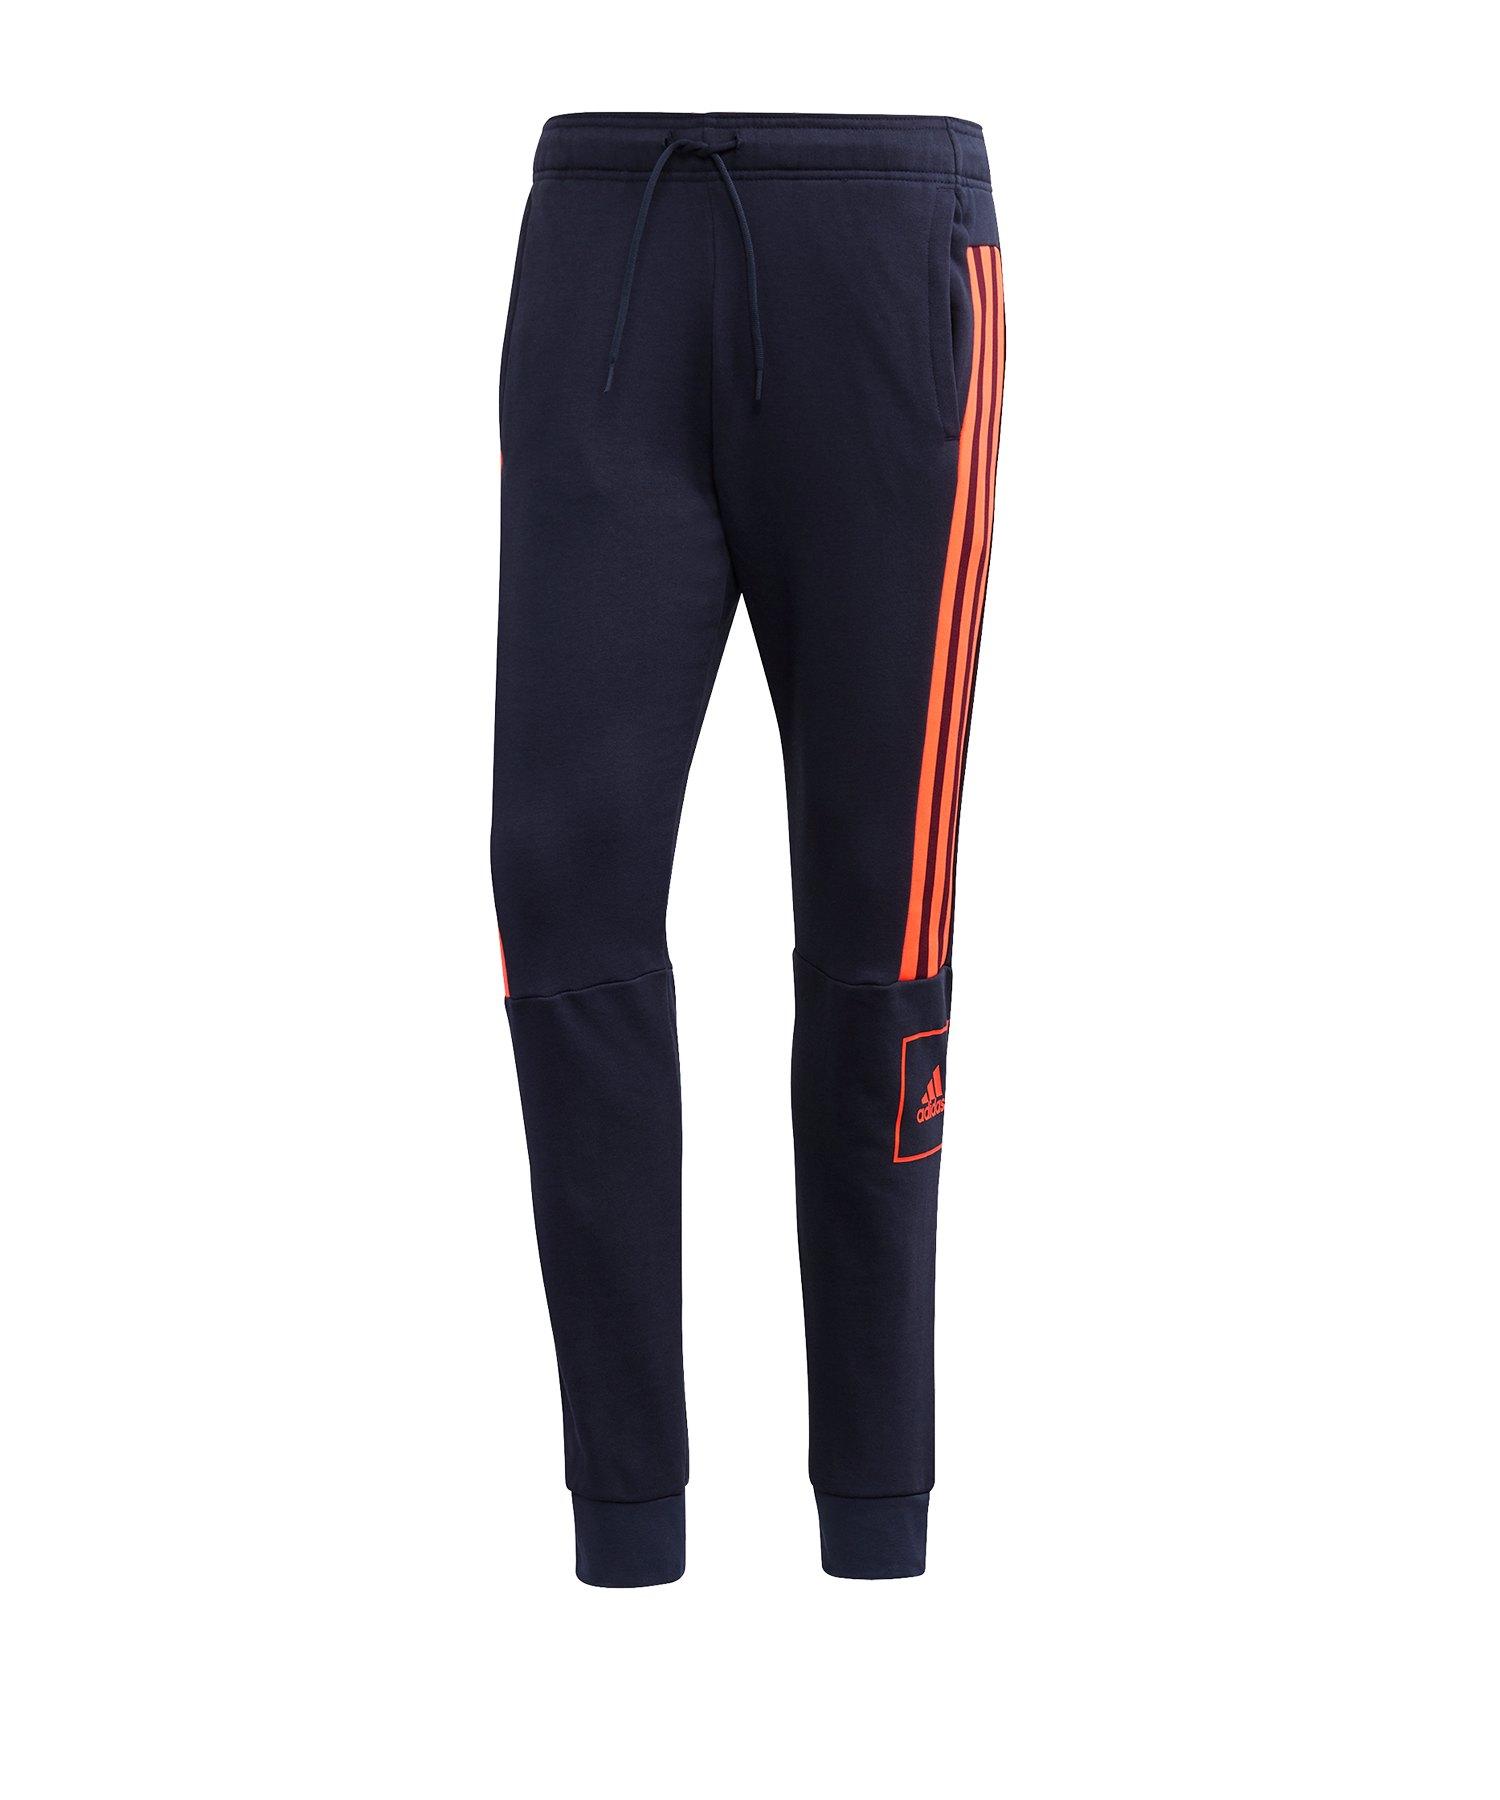 adidas Core 15 Jogginghose blau Teamwear Hosen lang